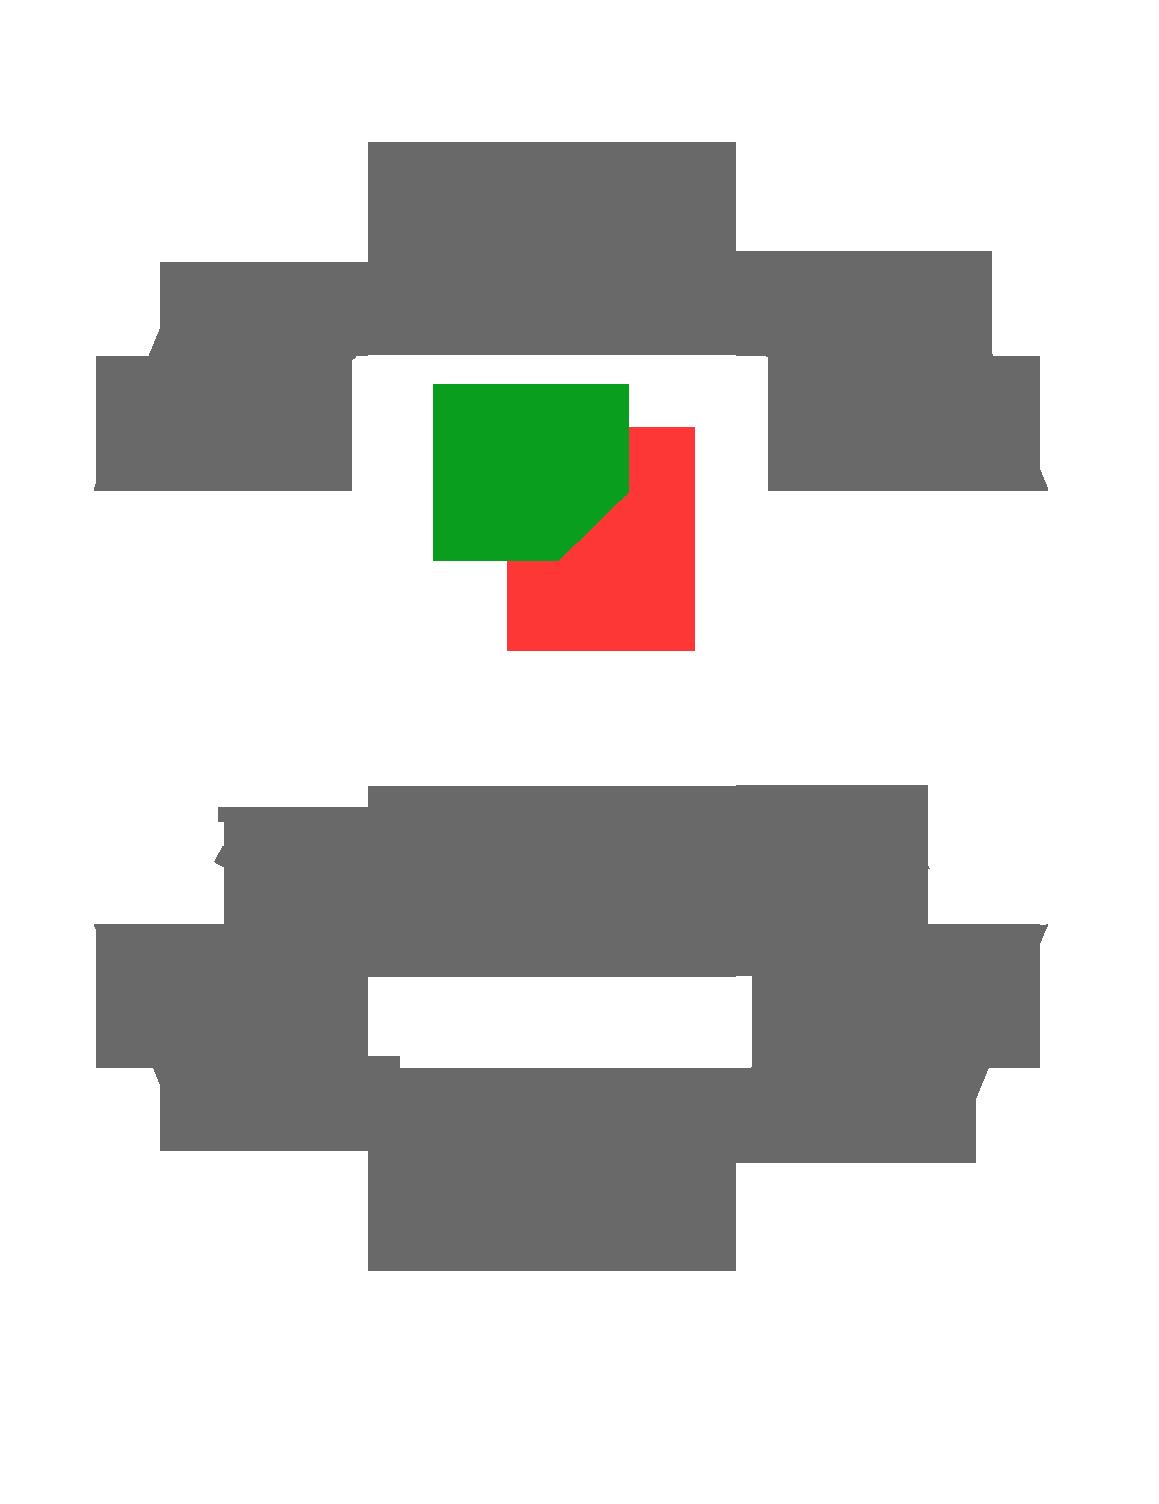 sedacia_suprava_sedacka_zaruka